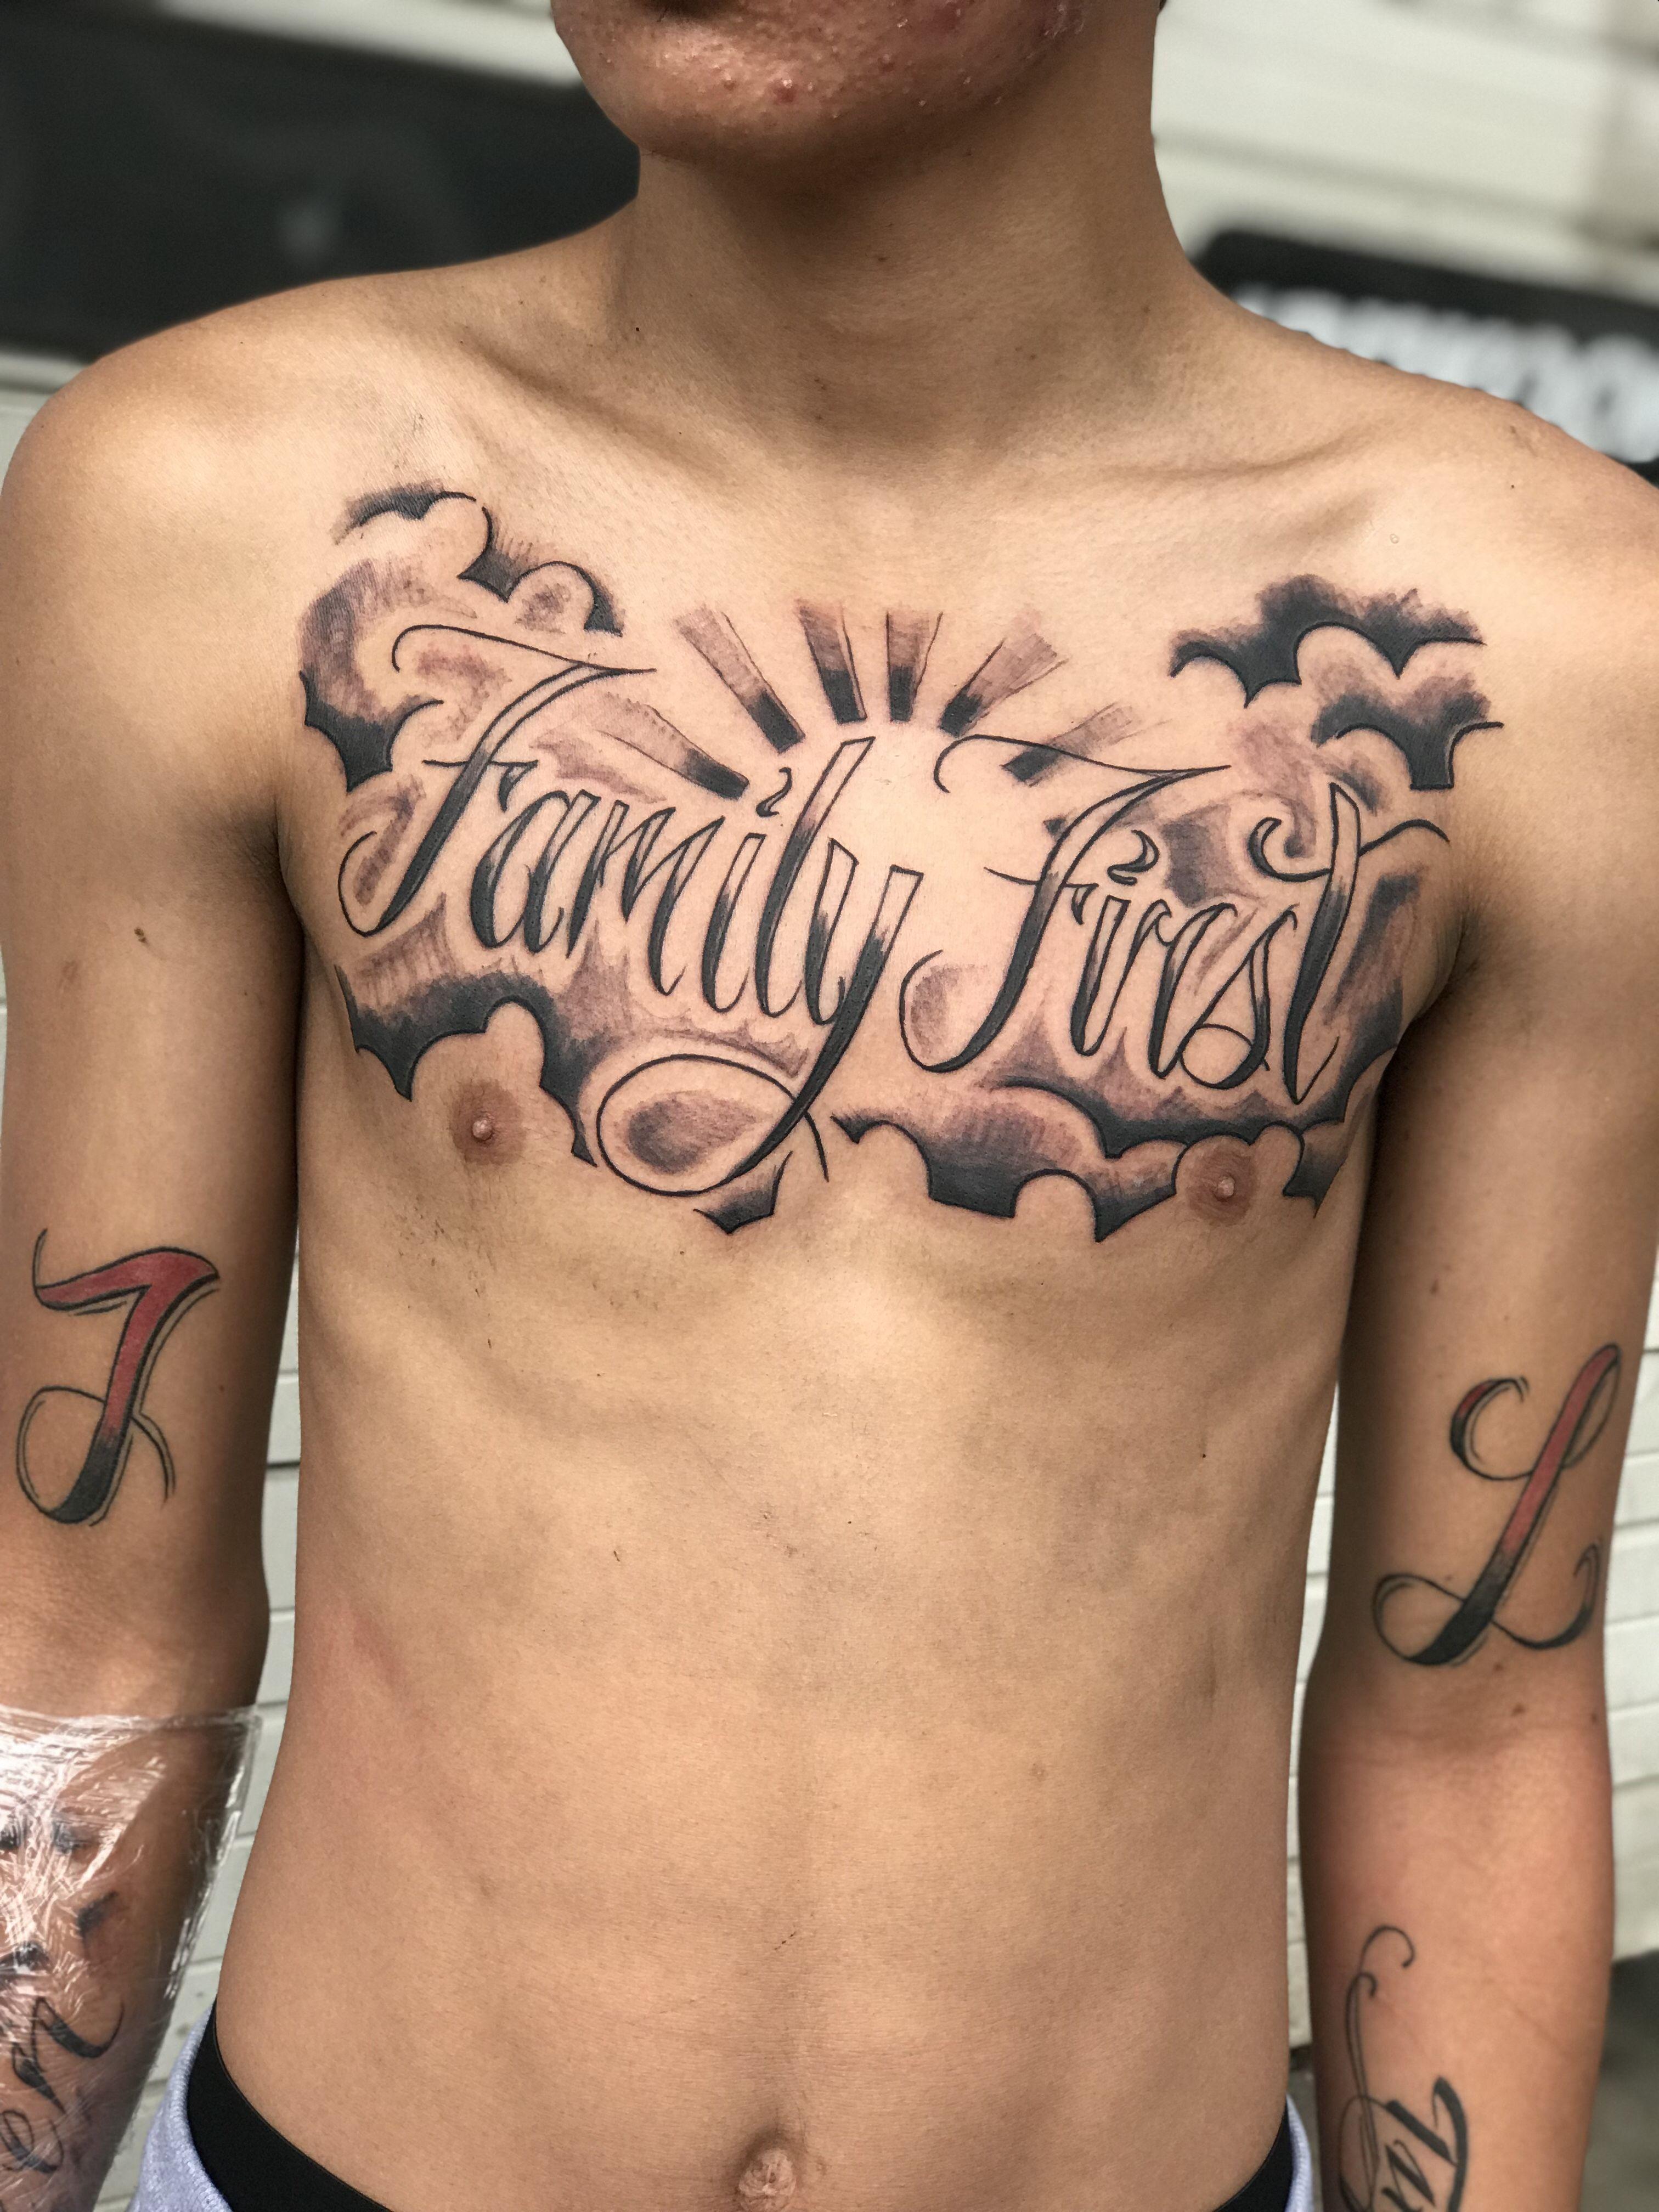 Family First Tattoo Tatuagem No Peito Tatuagem Mascolina Tatuagem No Peitoral Masculino